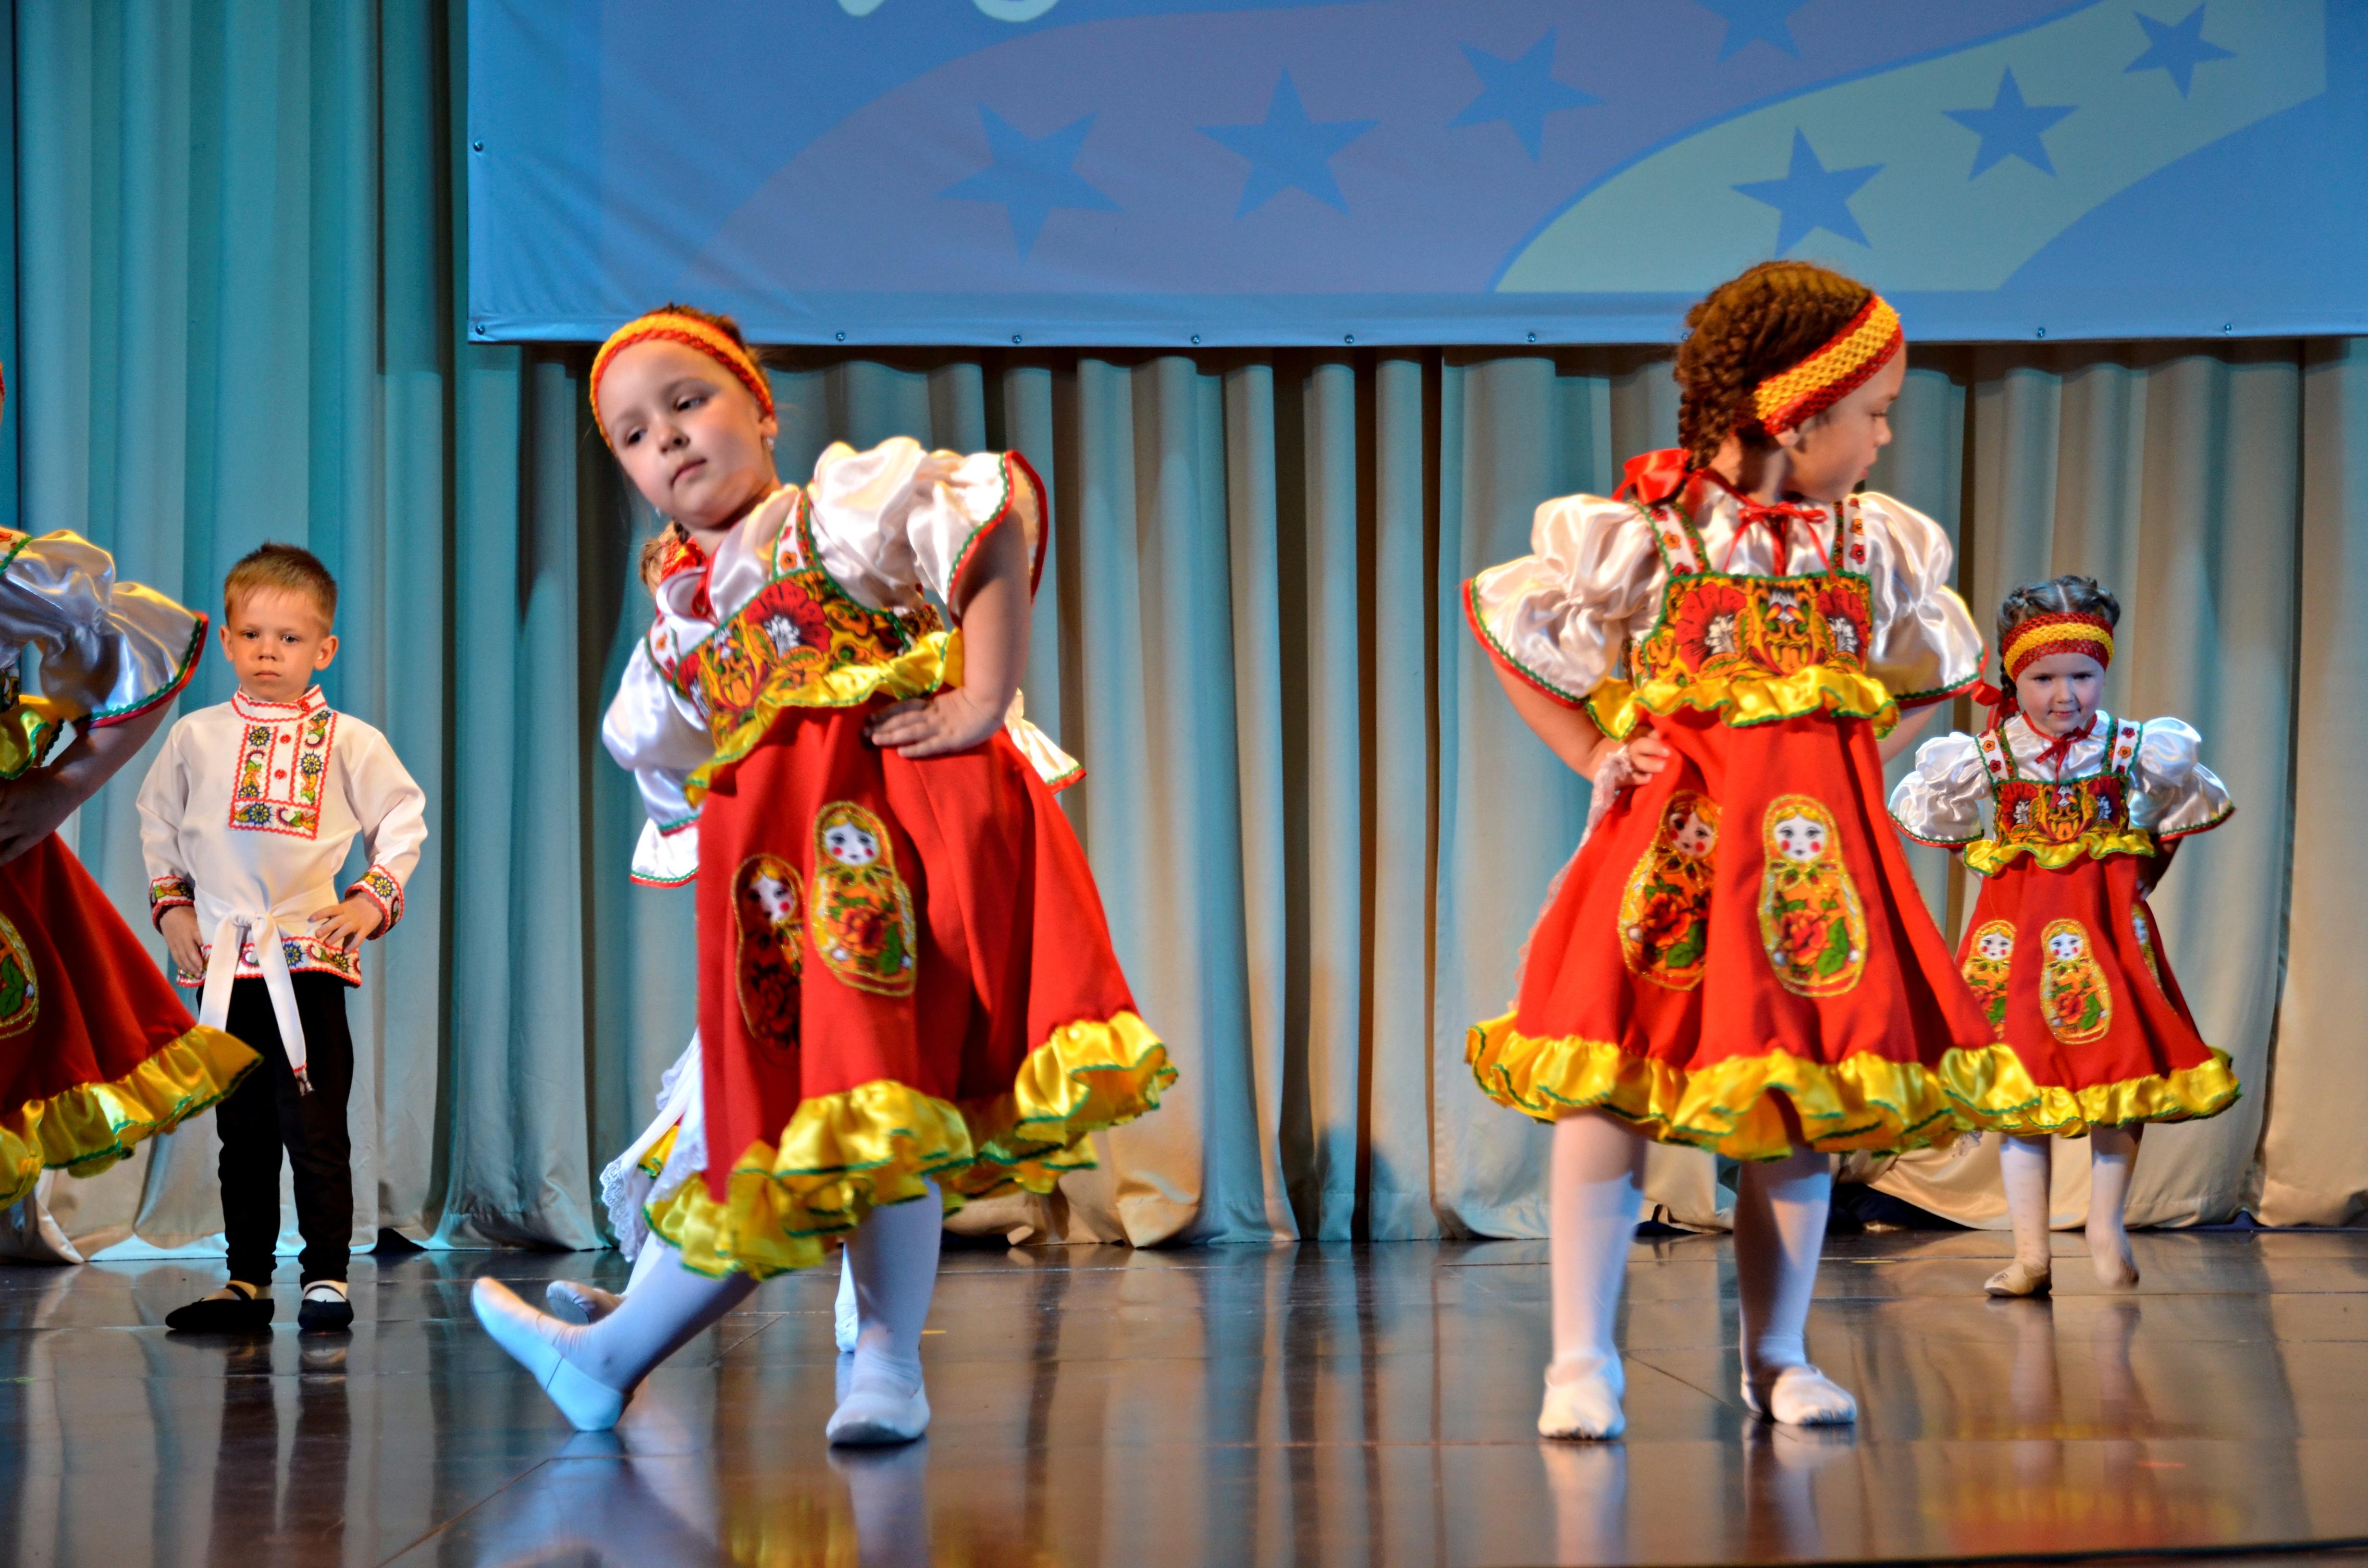 Фестиваль-конкурс народной культуры впервые проведут в «Москворечье» онлайн